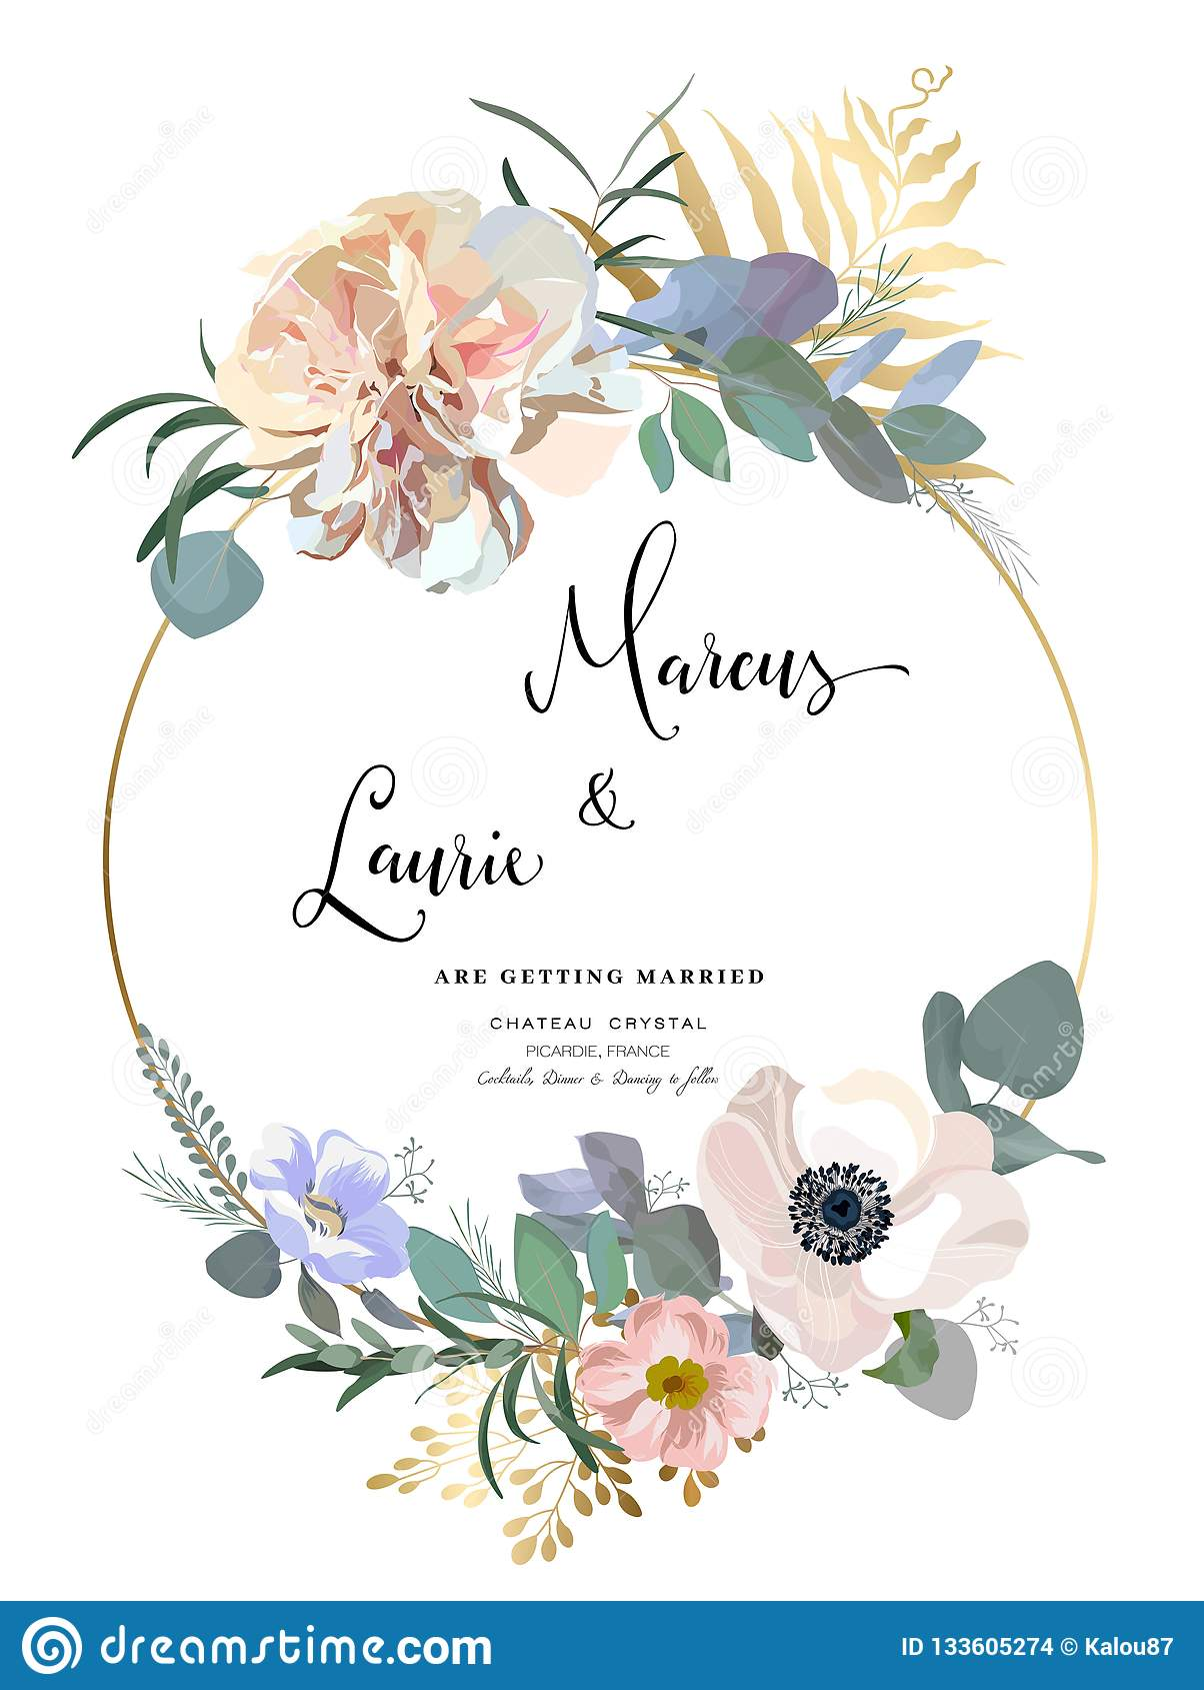 Blumenhochzeits-Einladung Elegante rosa Gartenrose, Pfingstrose, Anemone, Eukalyptusniederlassungen, Blätter Rand der Farbband-,